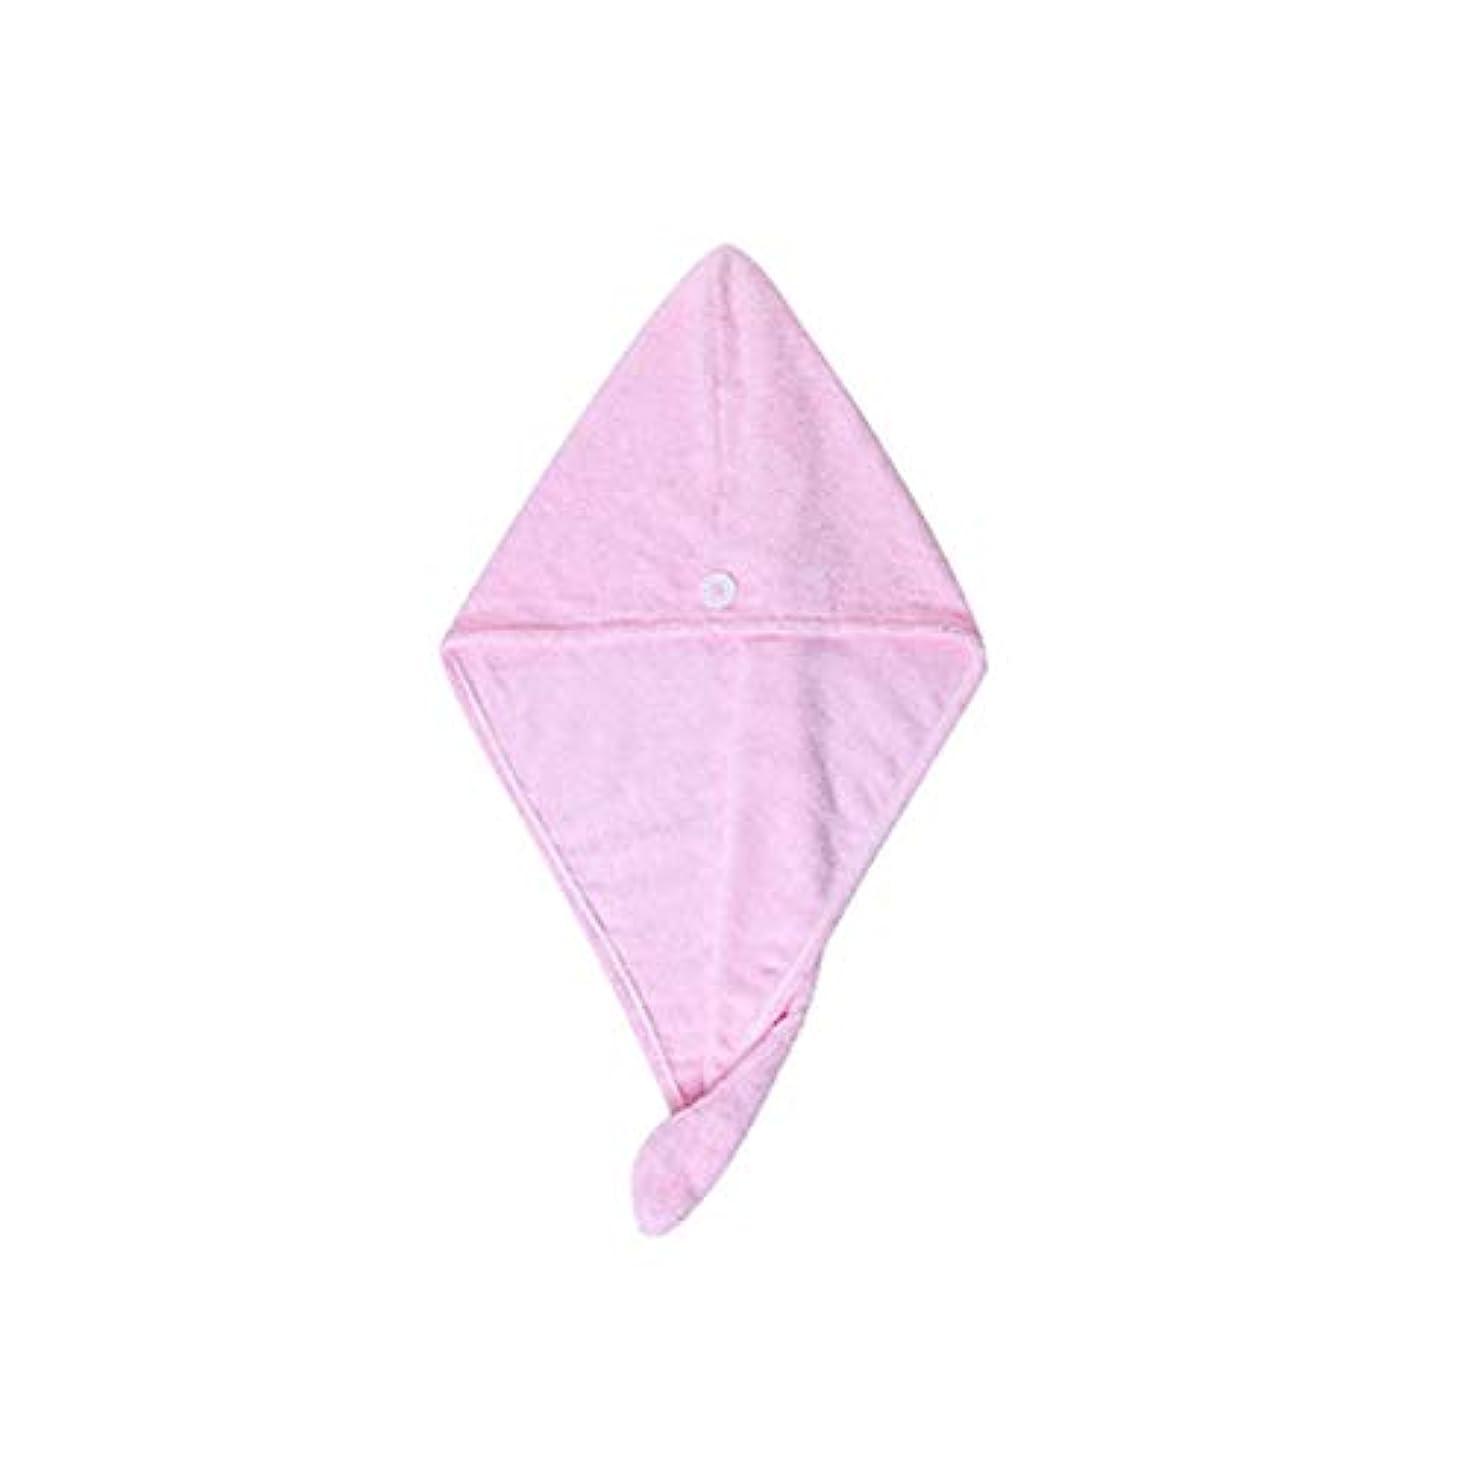 シンプルな強制保護YRYRYP シャワーキャップ、乾いた髪キャップ、女性の柔らかな吸水性と速乾性シャワーキャップ、1枚のタオル、フード付きのシャワーキャップ、ピンク、黄色、紫 バス用品 (Color : Purple)